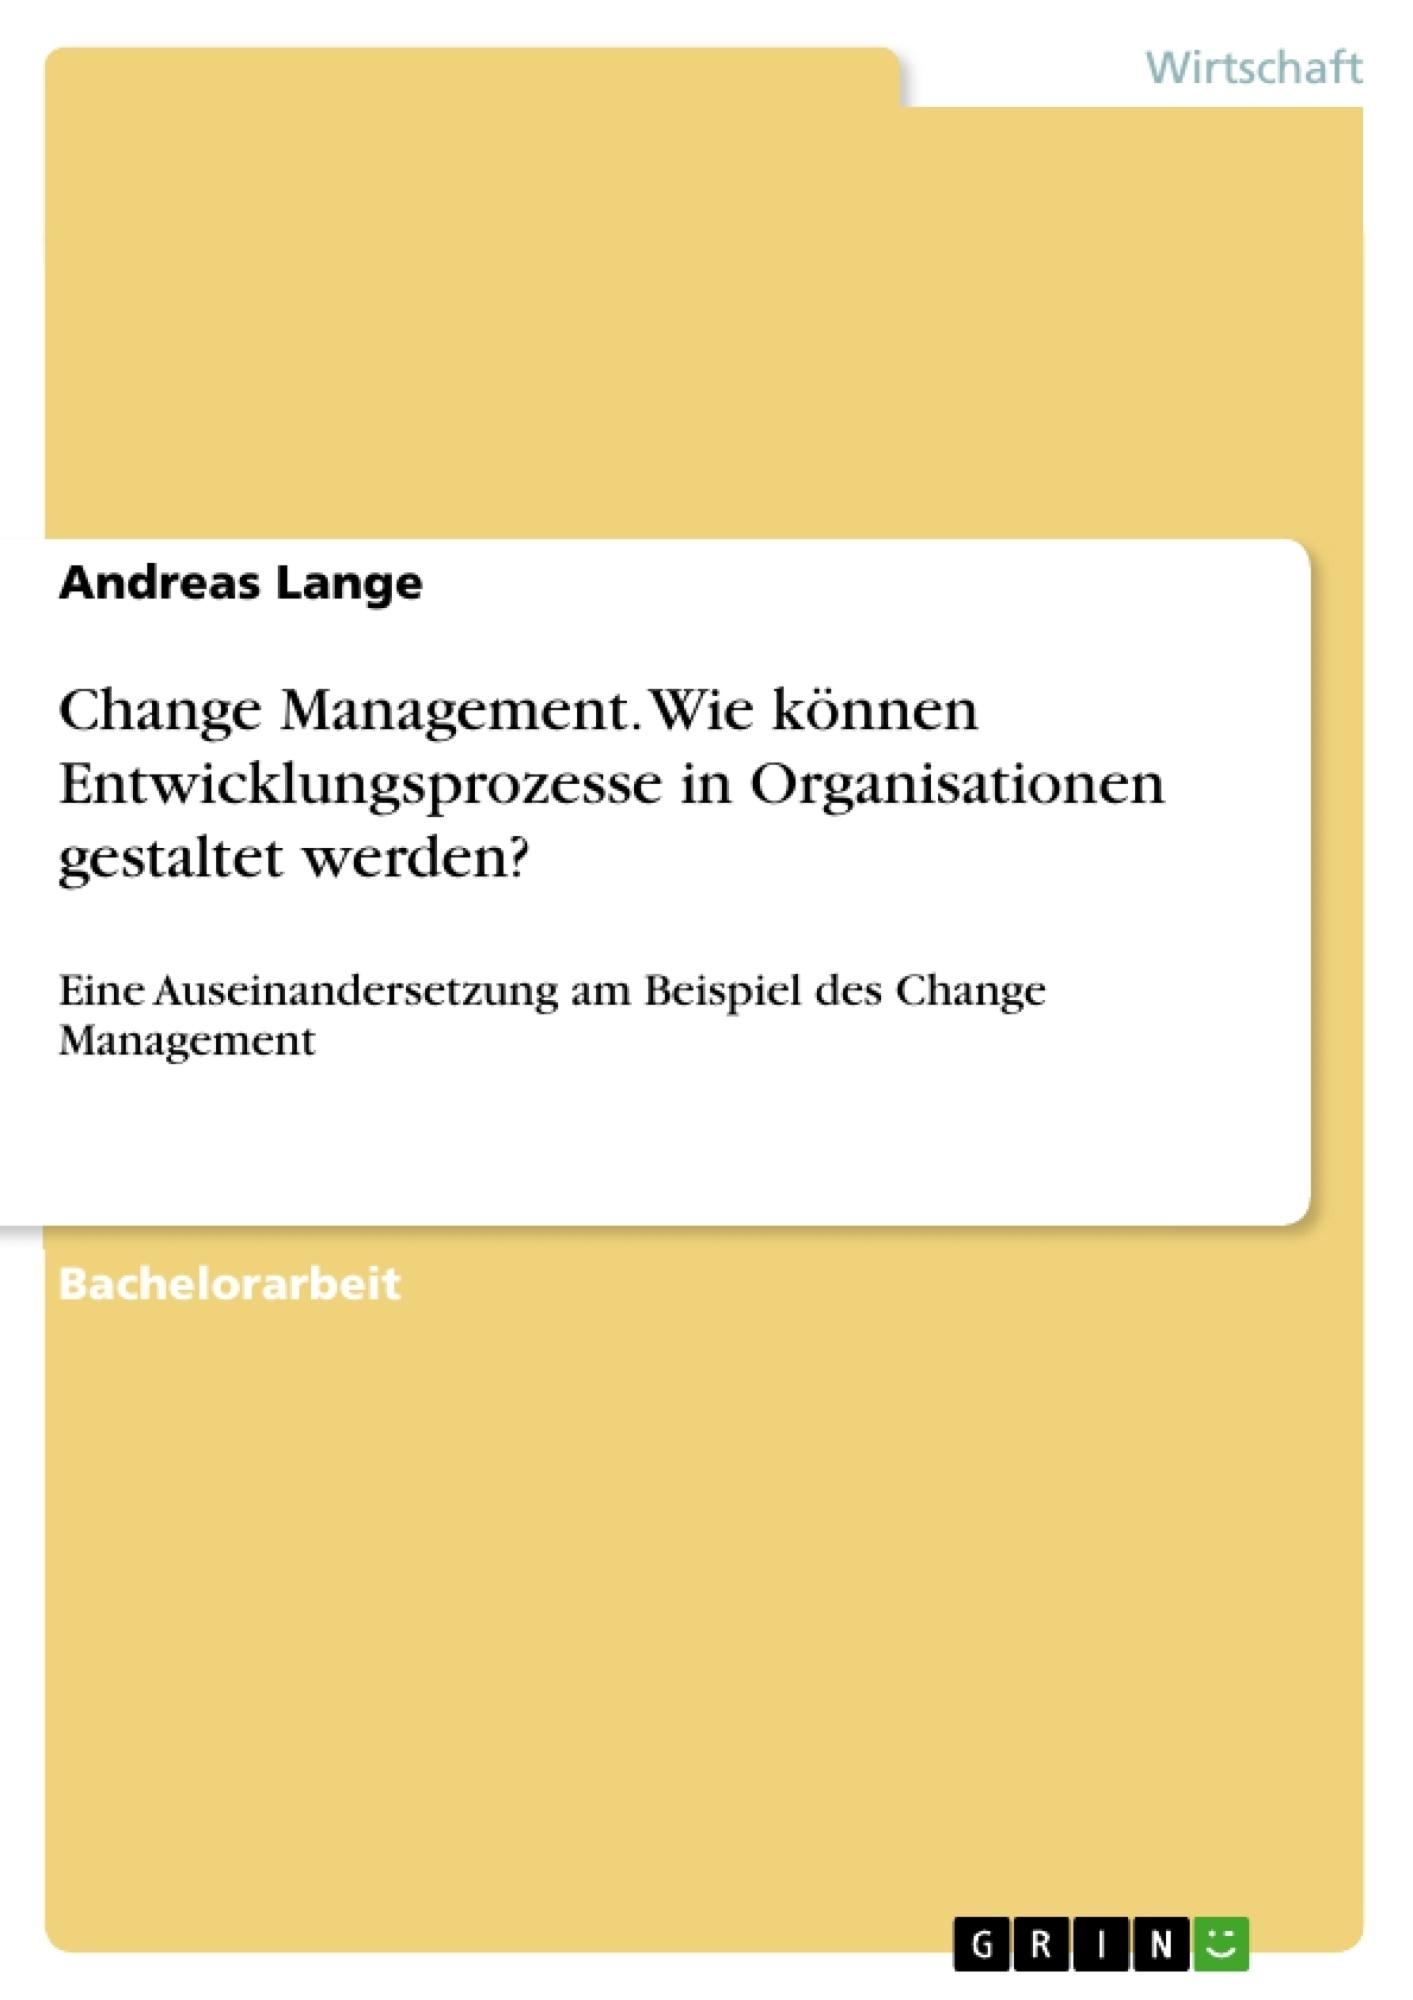 Titel: Change Management. Wie können Entwicklungsprozesse in Organisationen gestaltet werden?